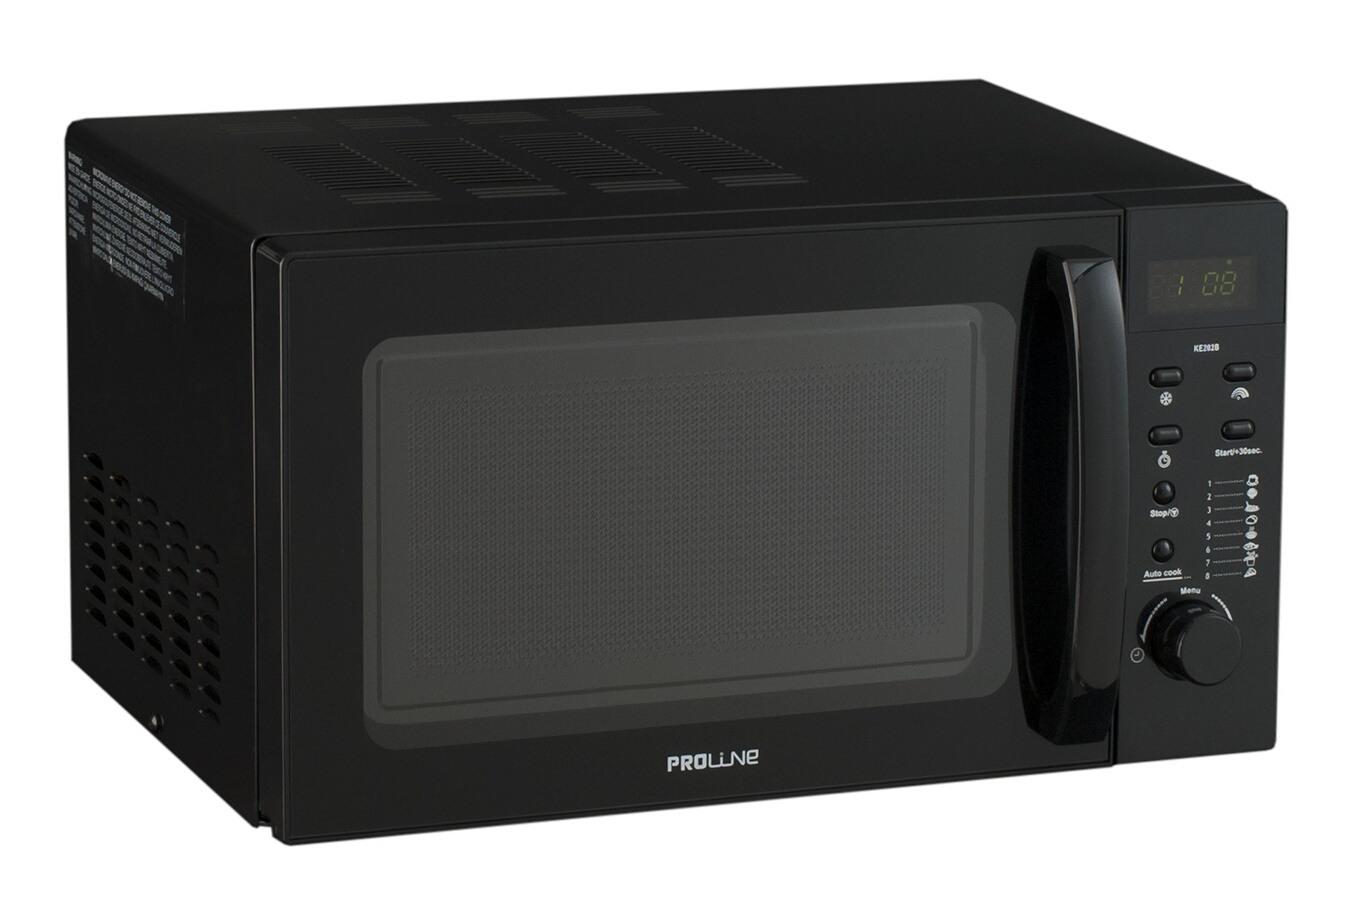 Quel équipement pour micro-ondes choisir et acheter